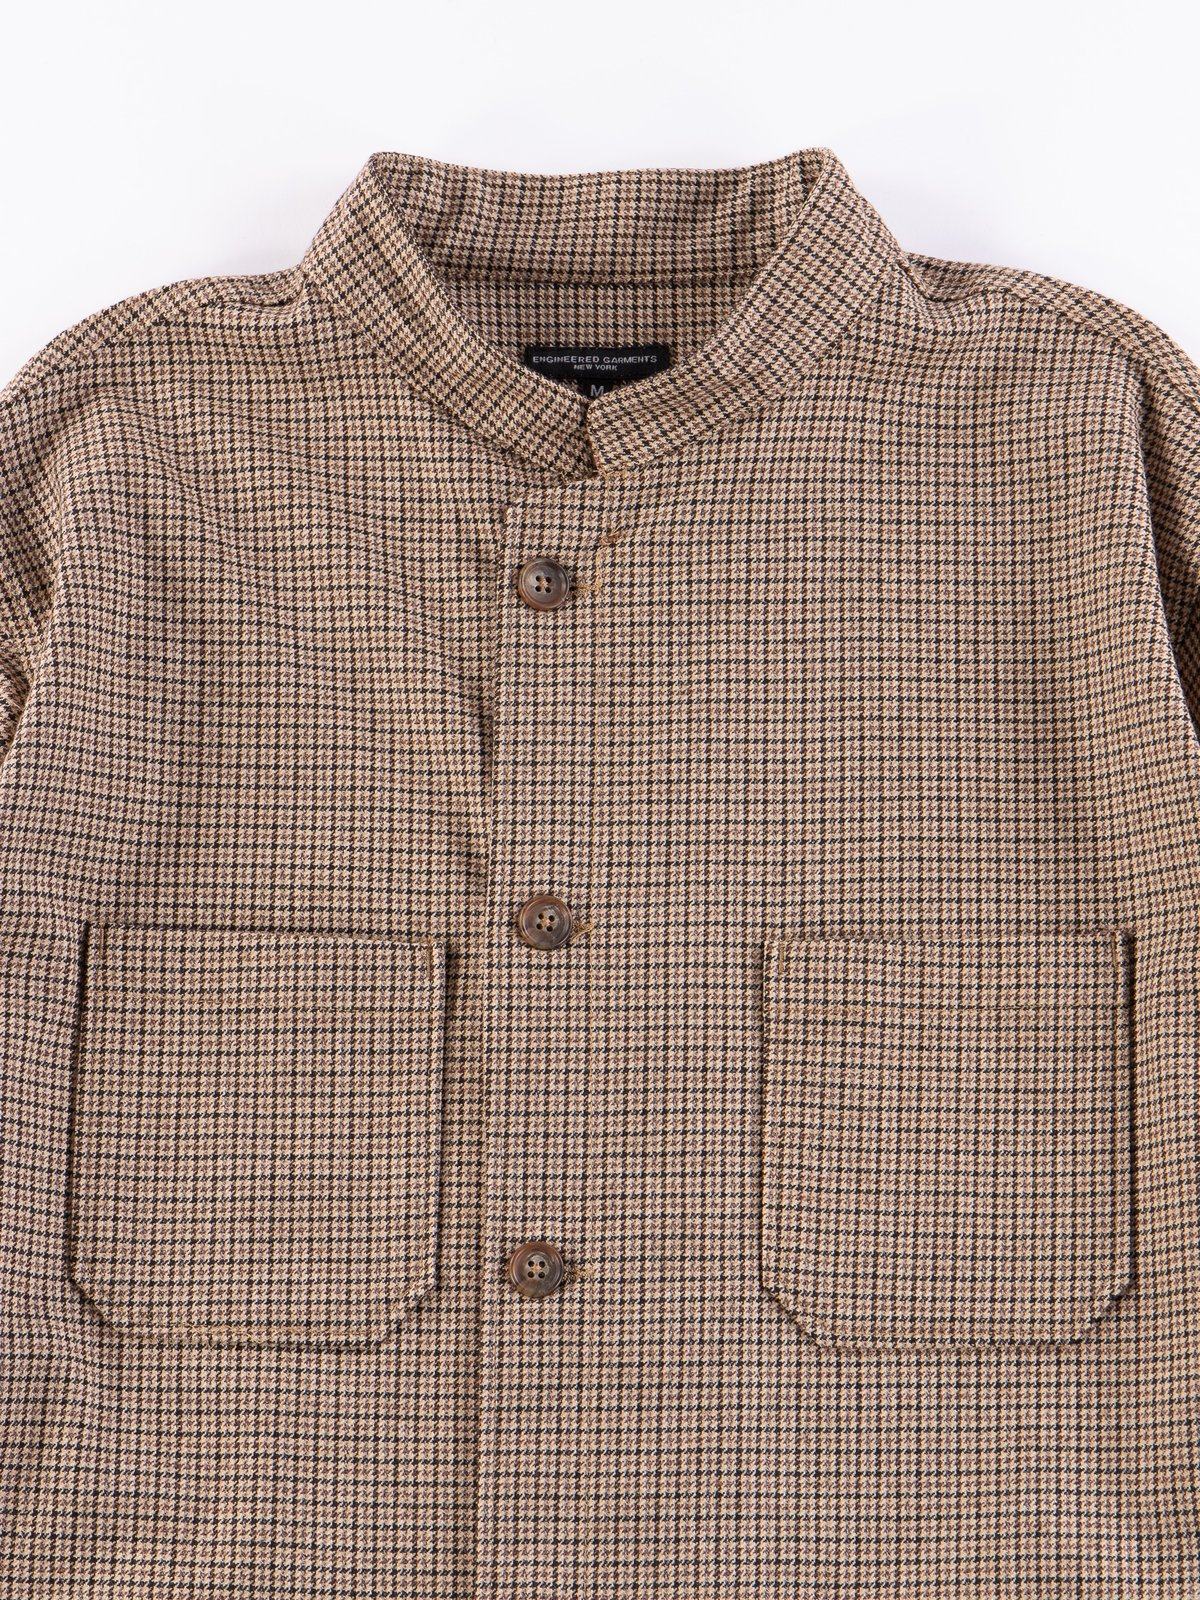 Brown Wool Poly Gunclub Dayton Shirt - Image 3